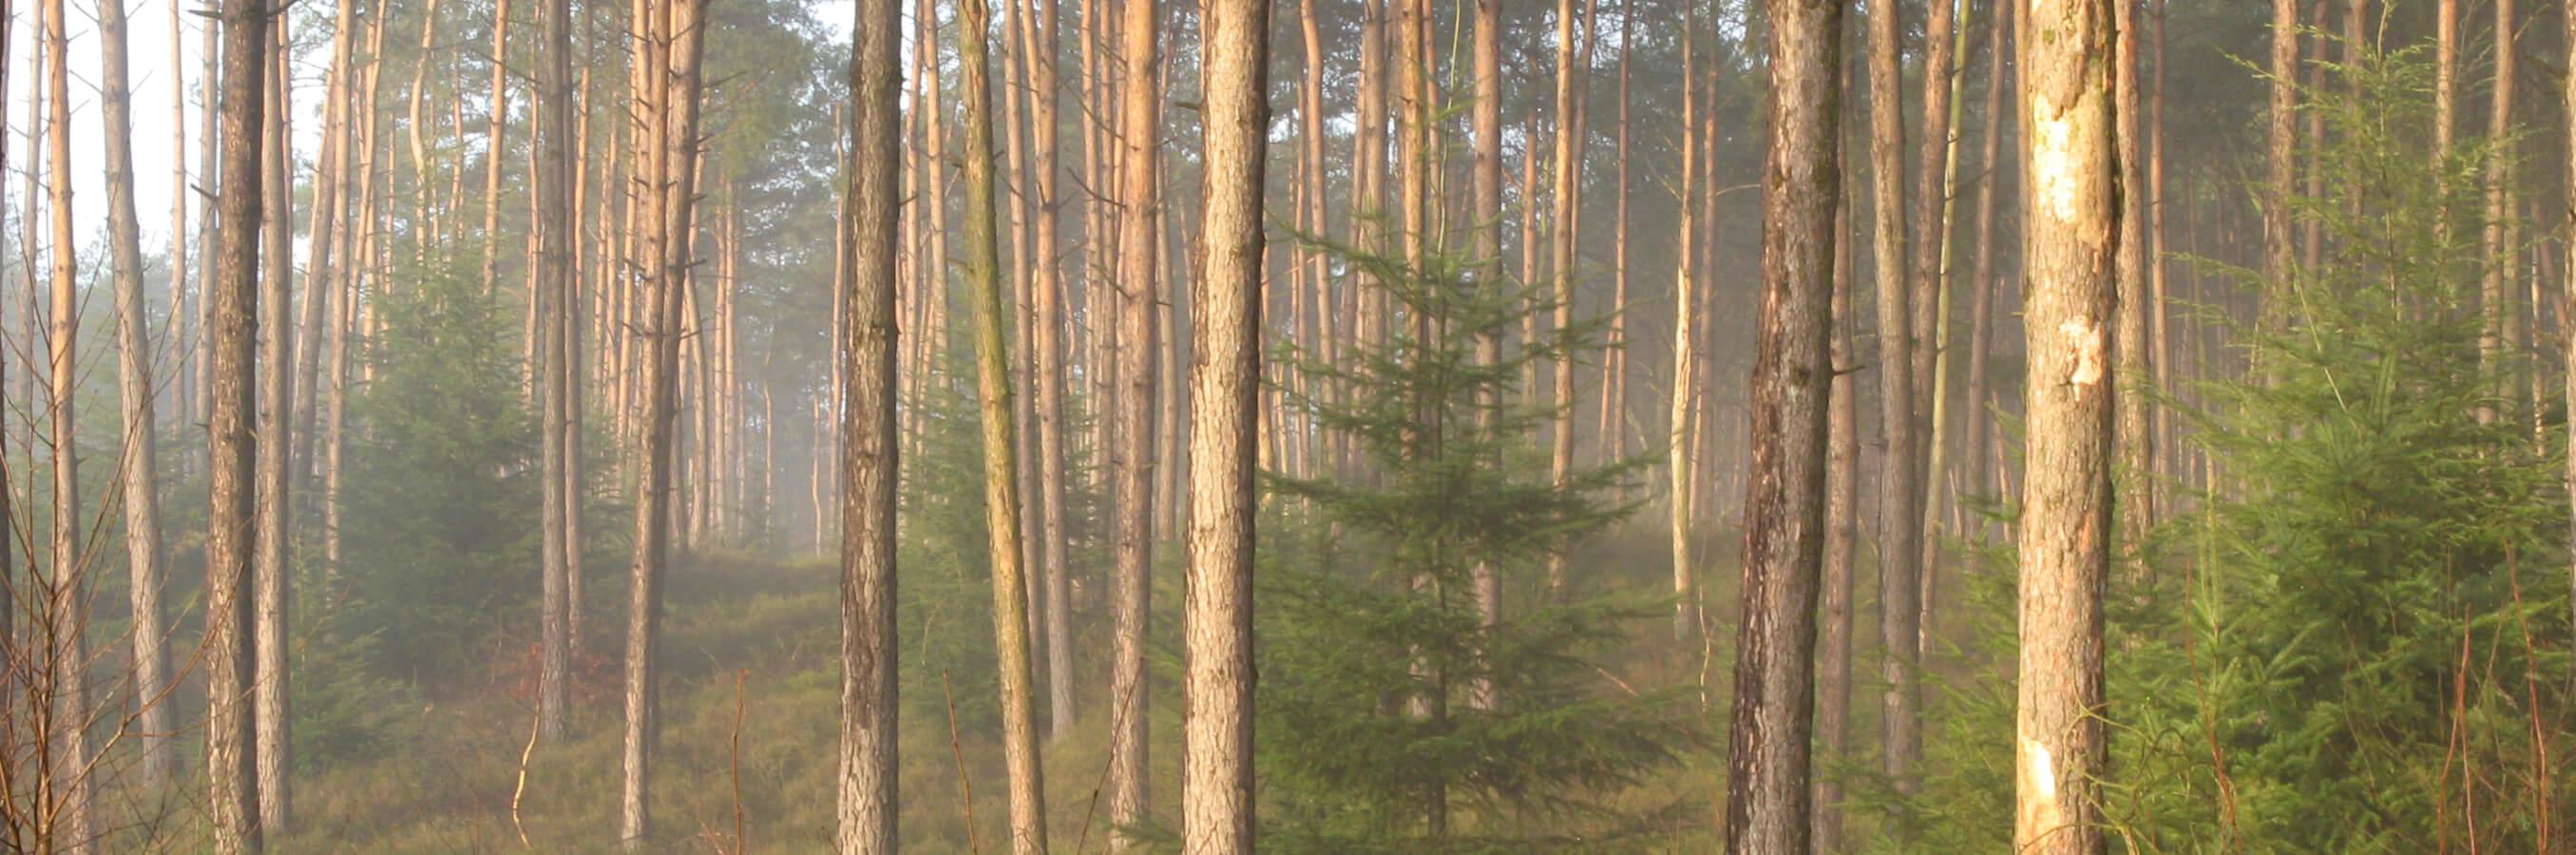 Rustig stil bos met kleine dennenboom tussen hogere bomen